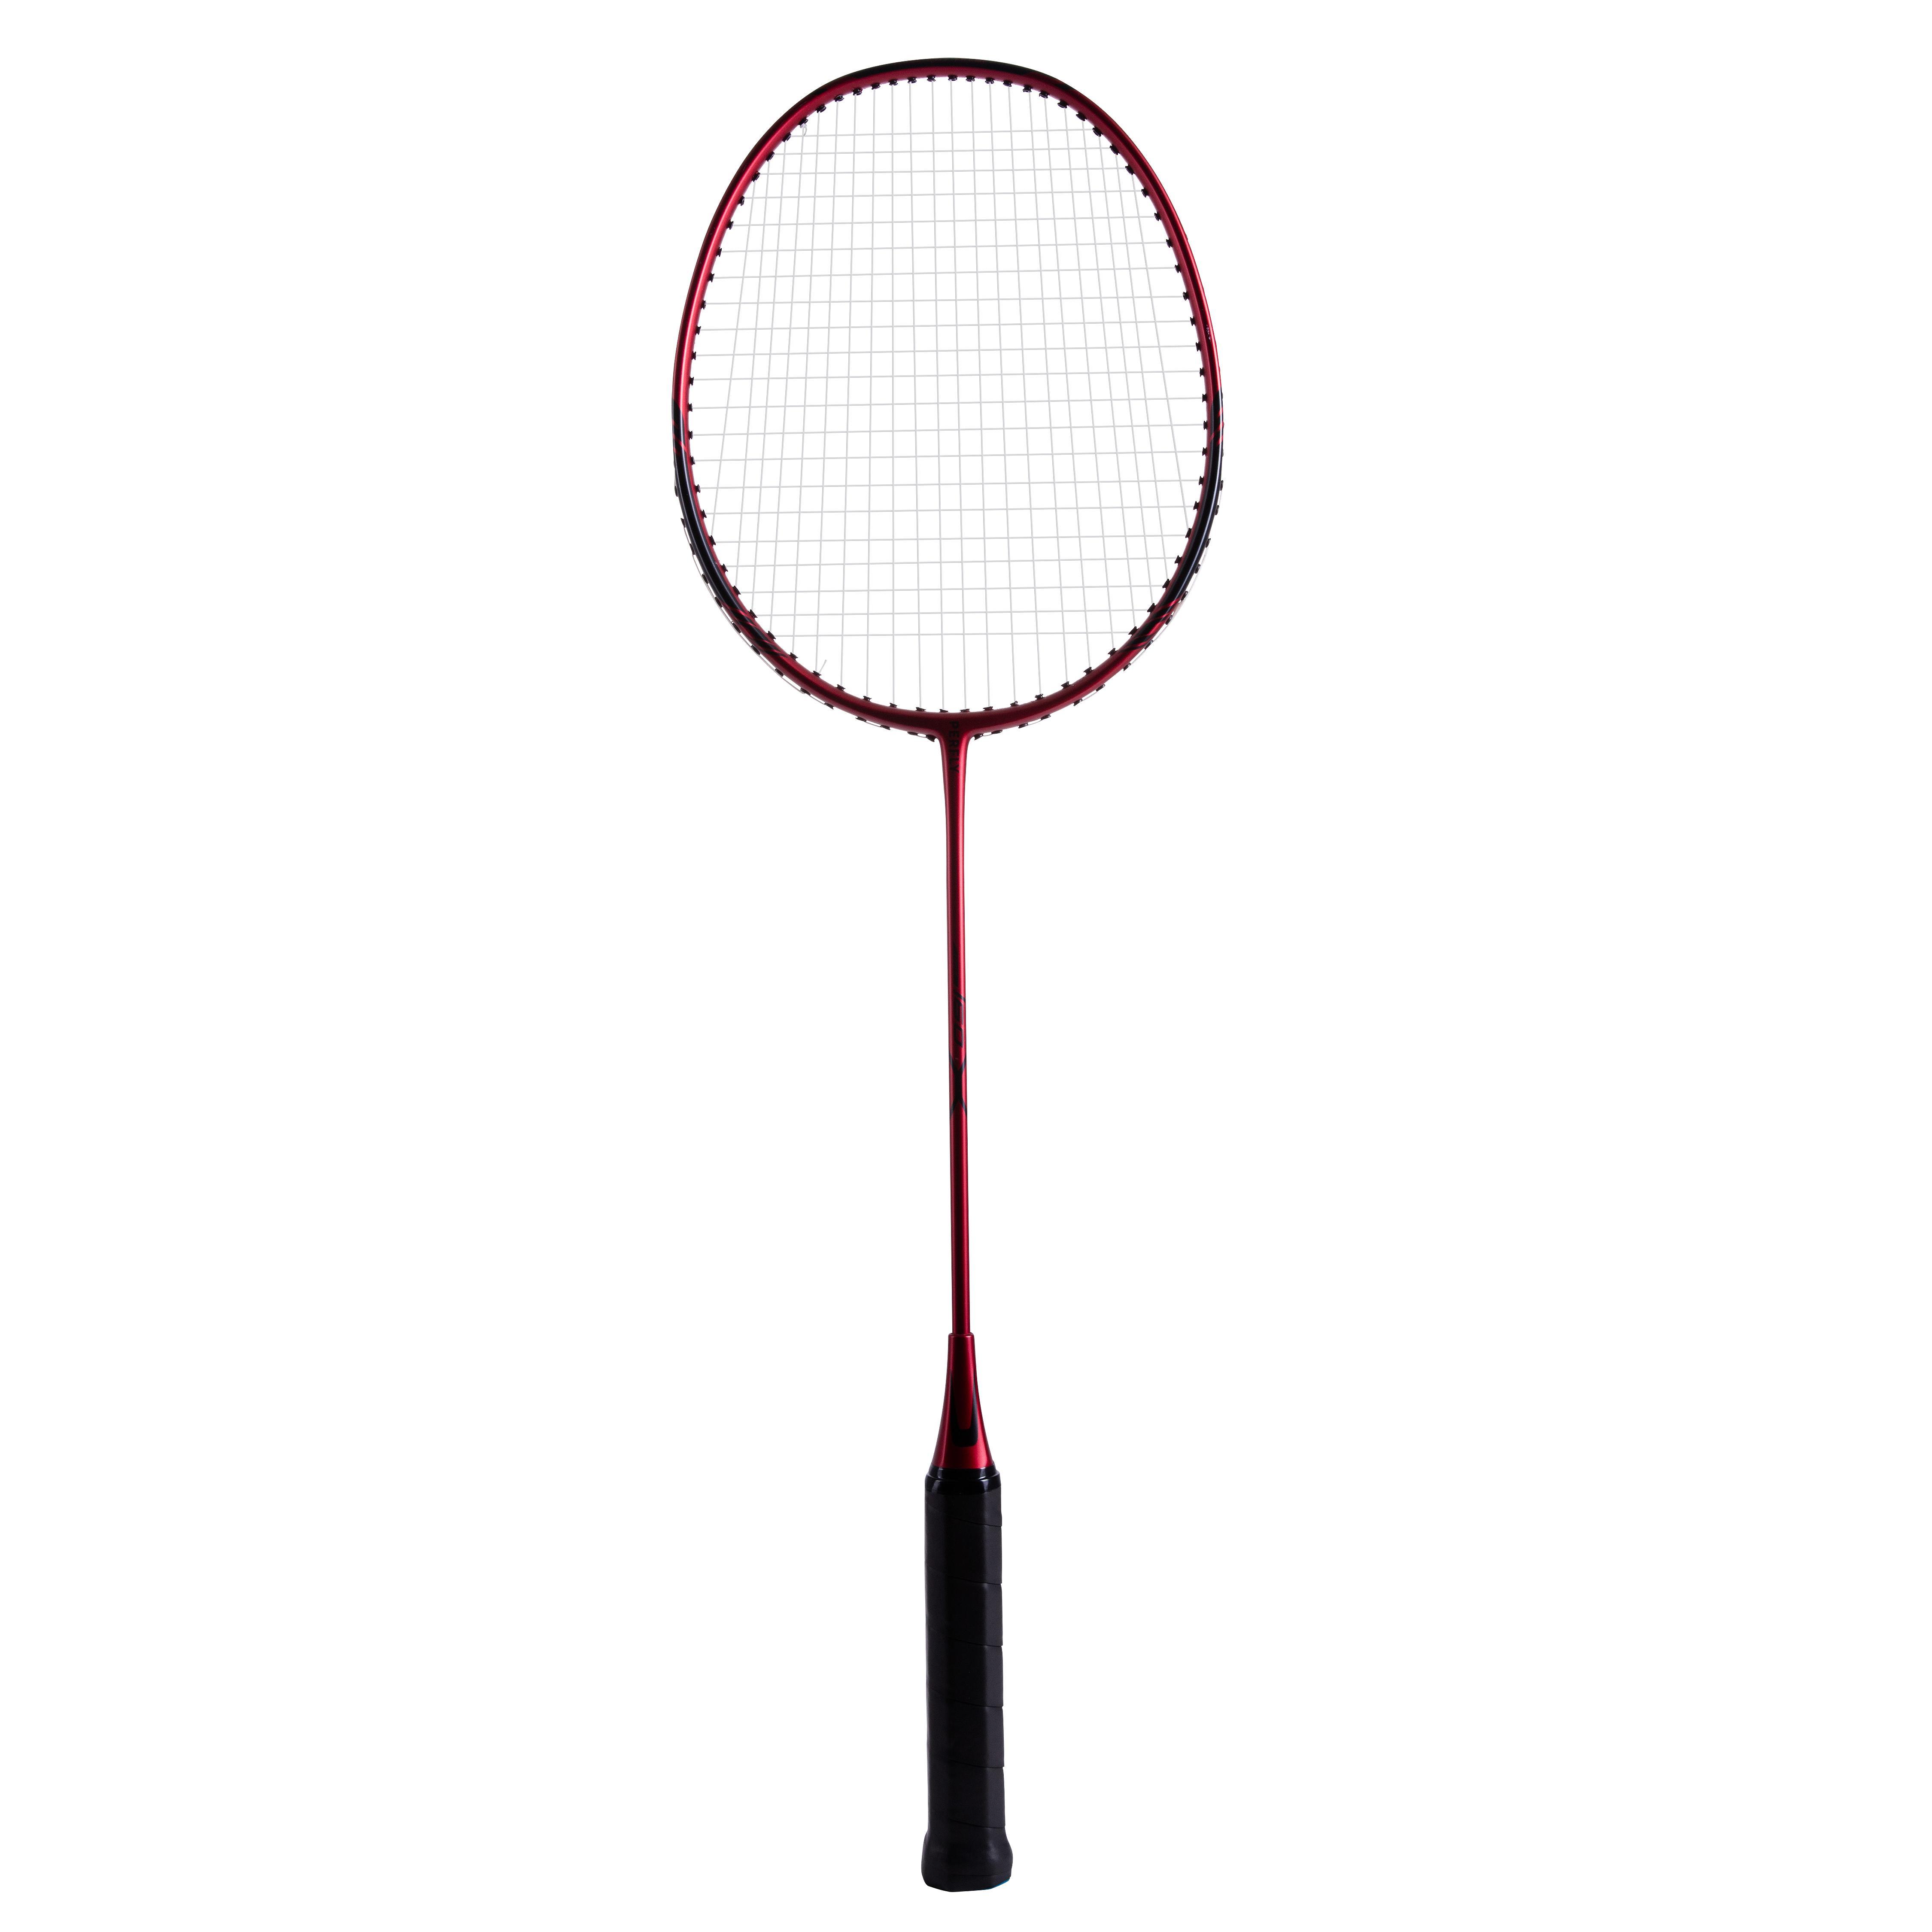 Perfly Badmintonracket BR160 voor volwassenen donkerrood kopen